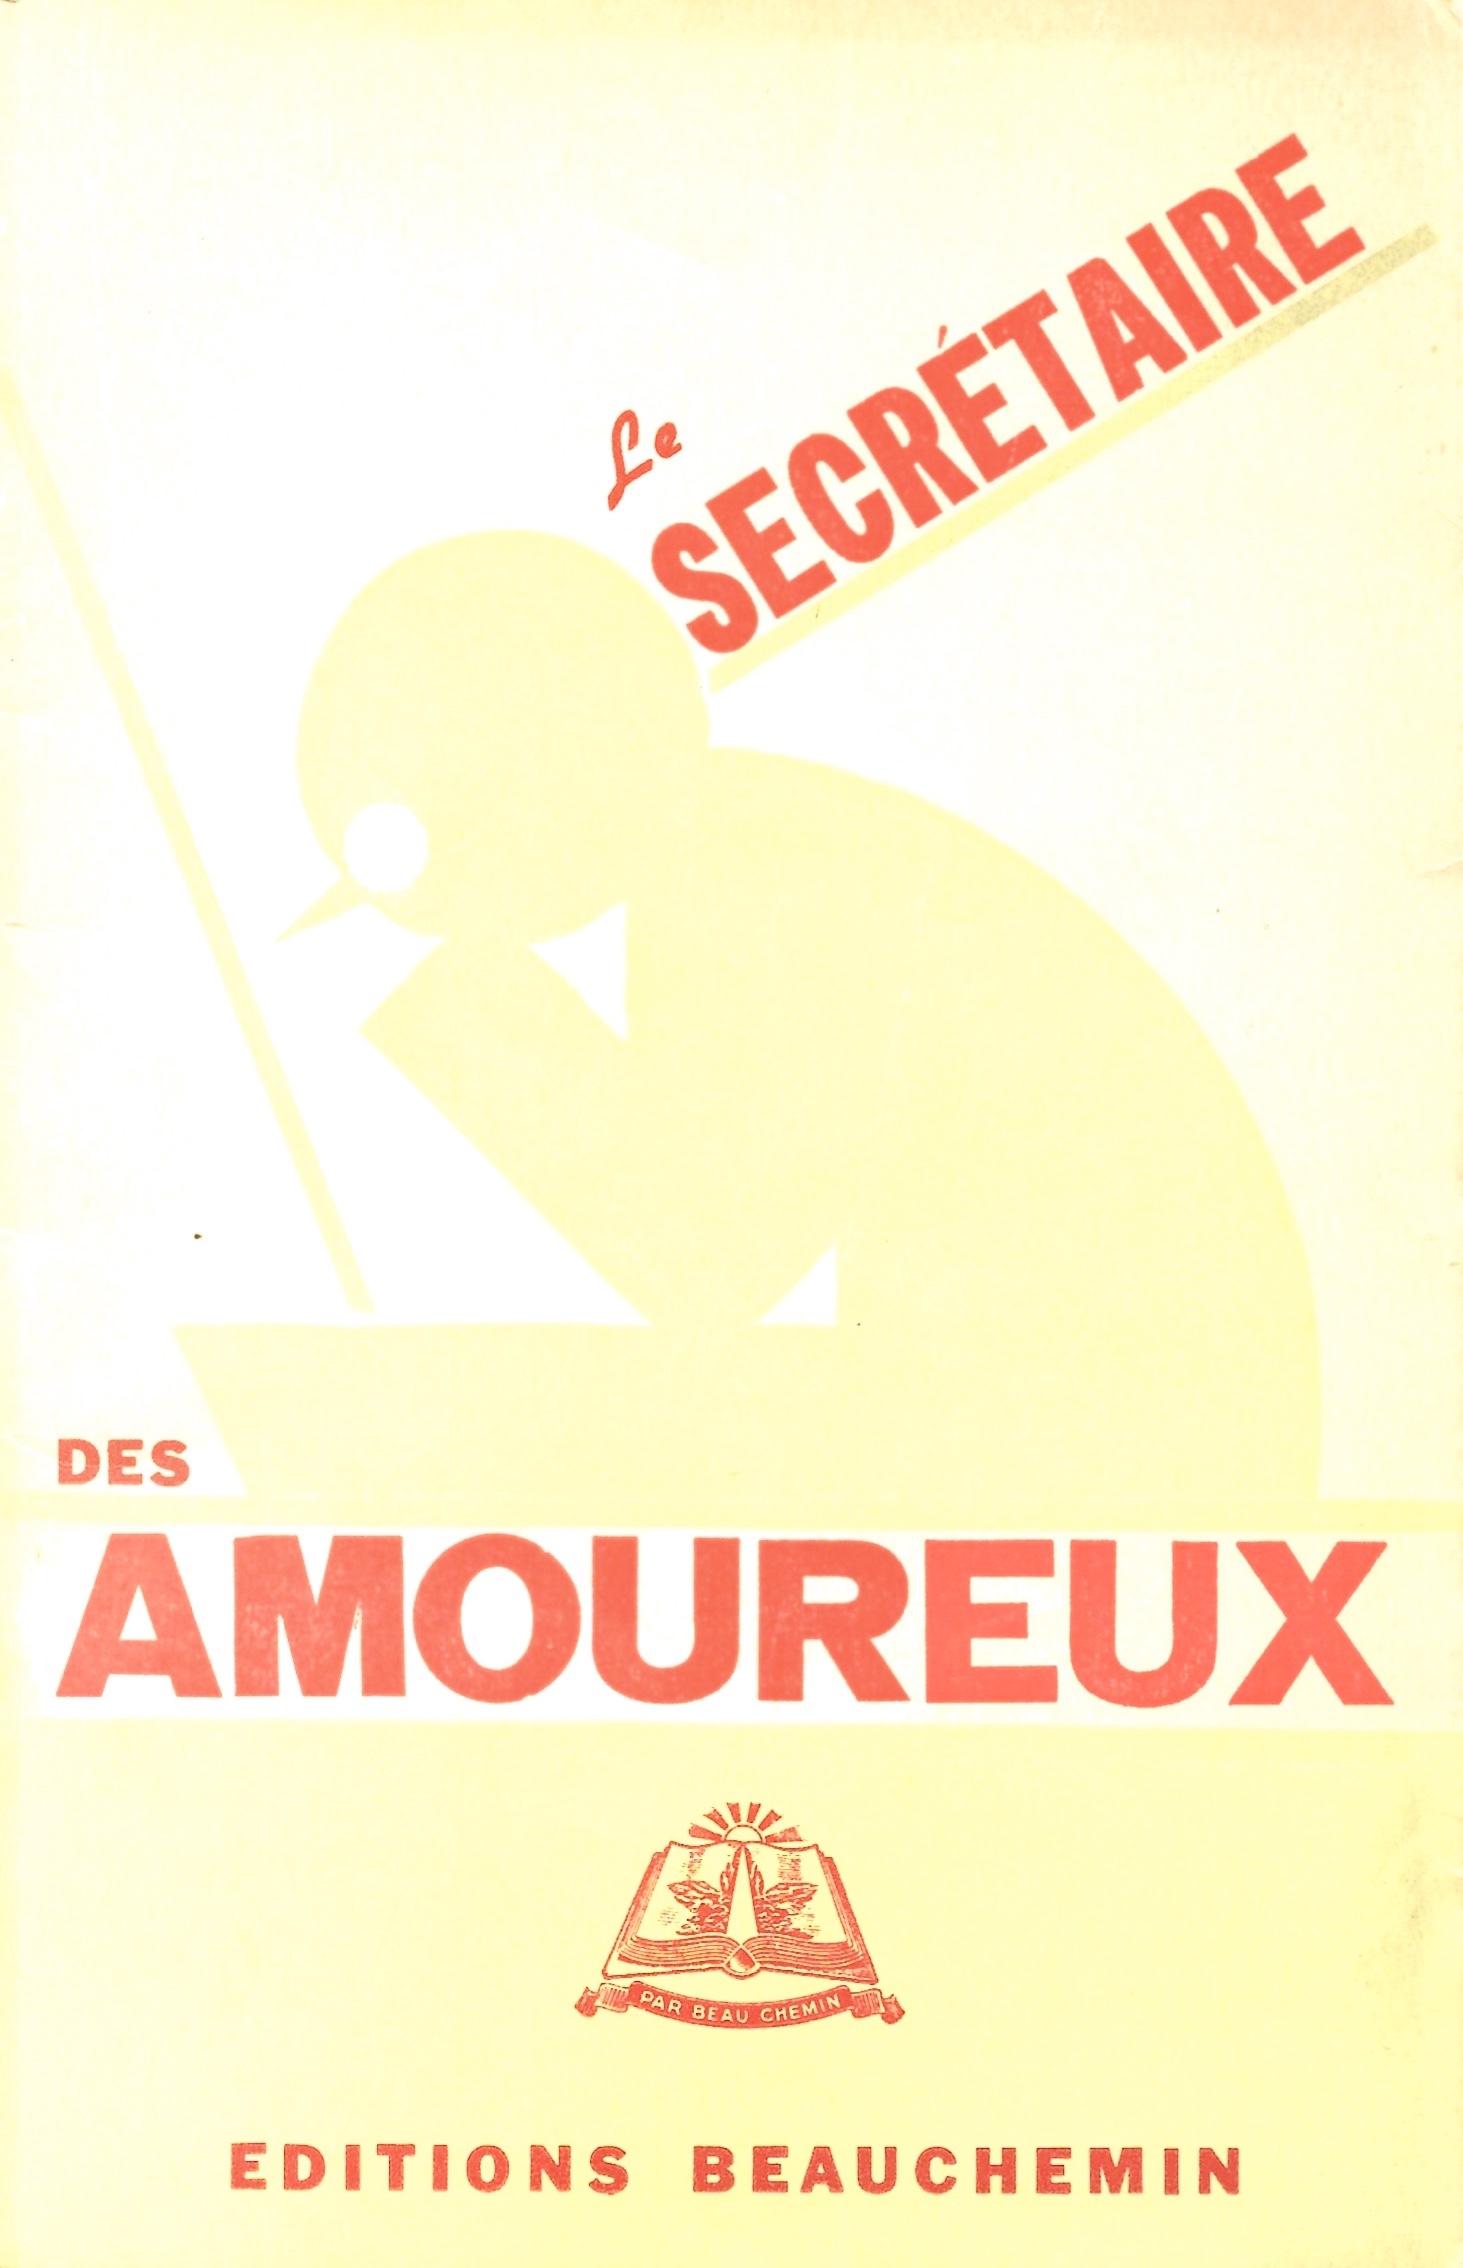 Le Secrétaire des amoureux, 1917, couverture